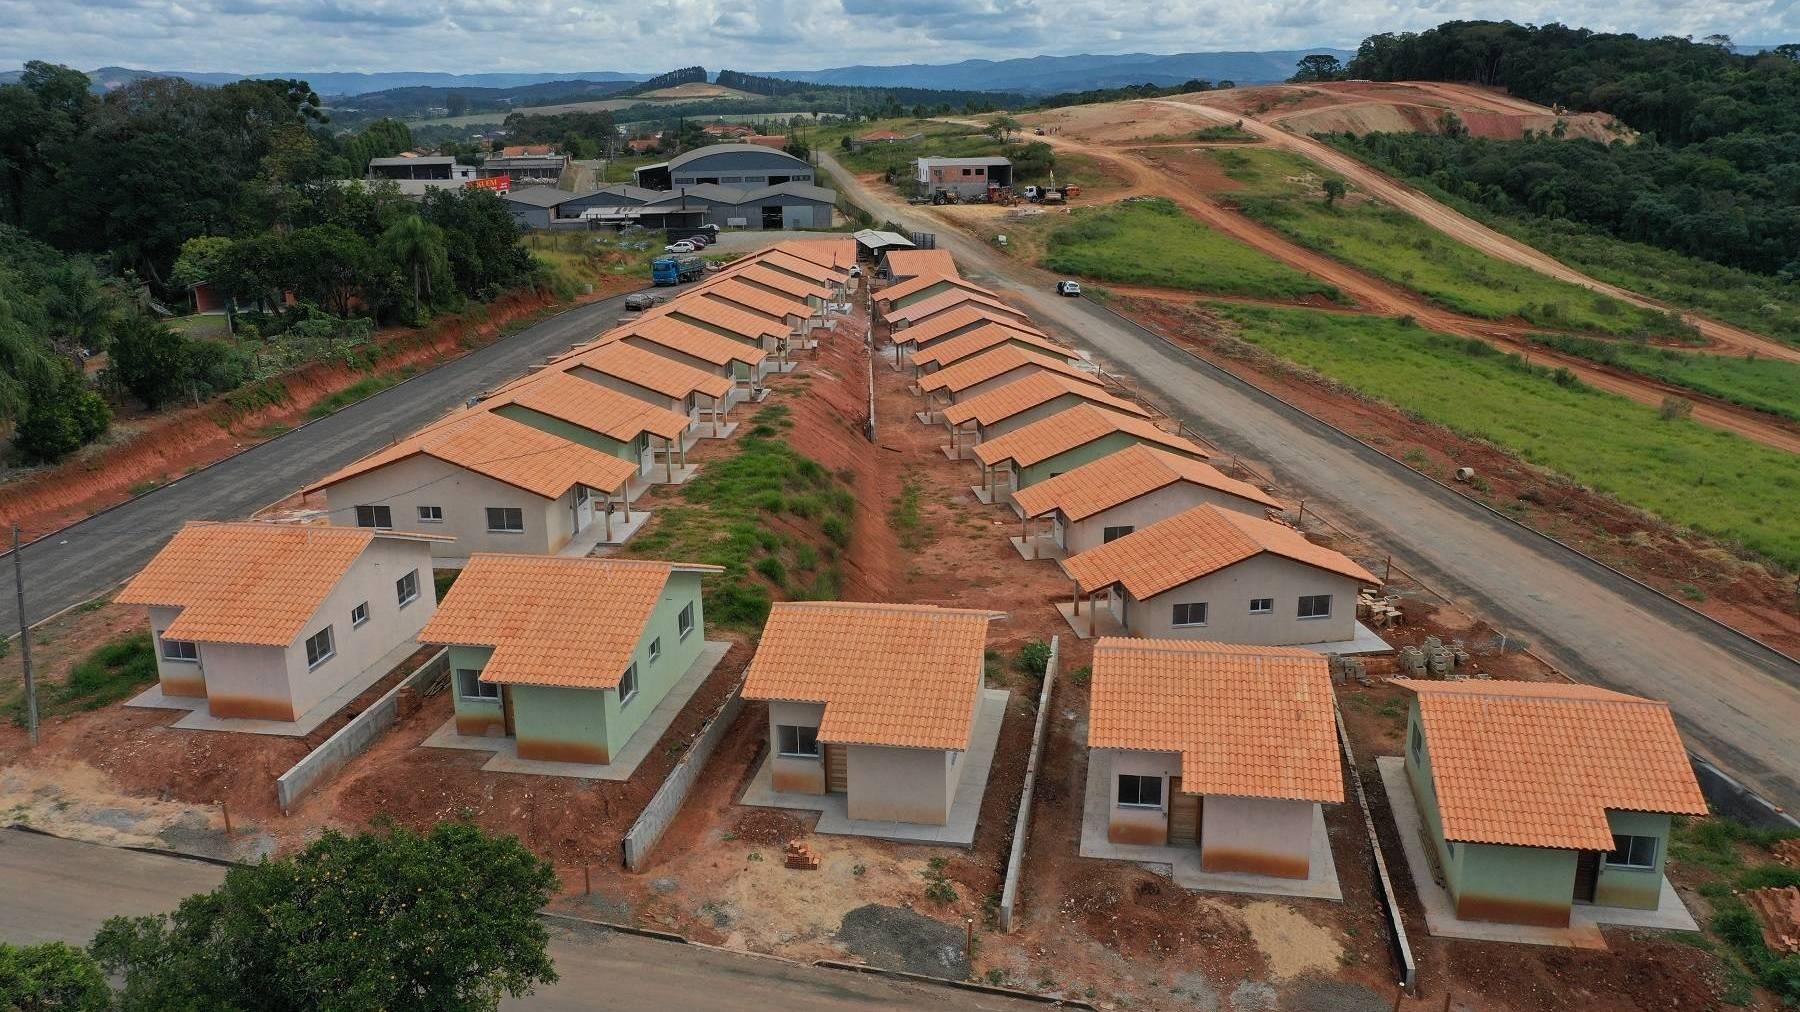 Inscrições para 25 novas moradias em Prudentópolis terminam em 30 de abril